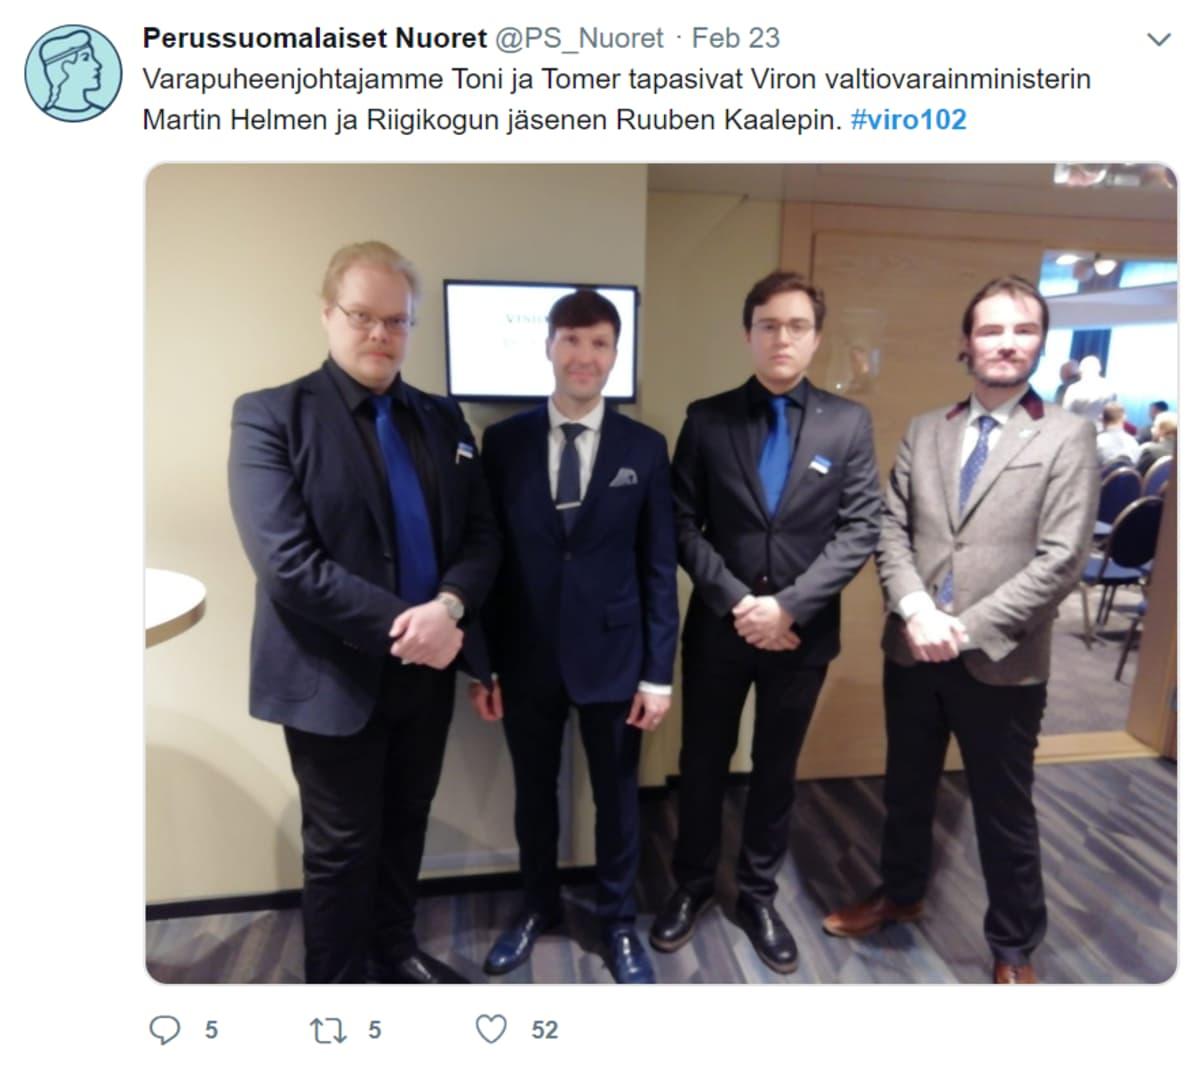 Perussuomalaisten nuorten tviitti 23.2.2020